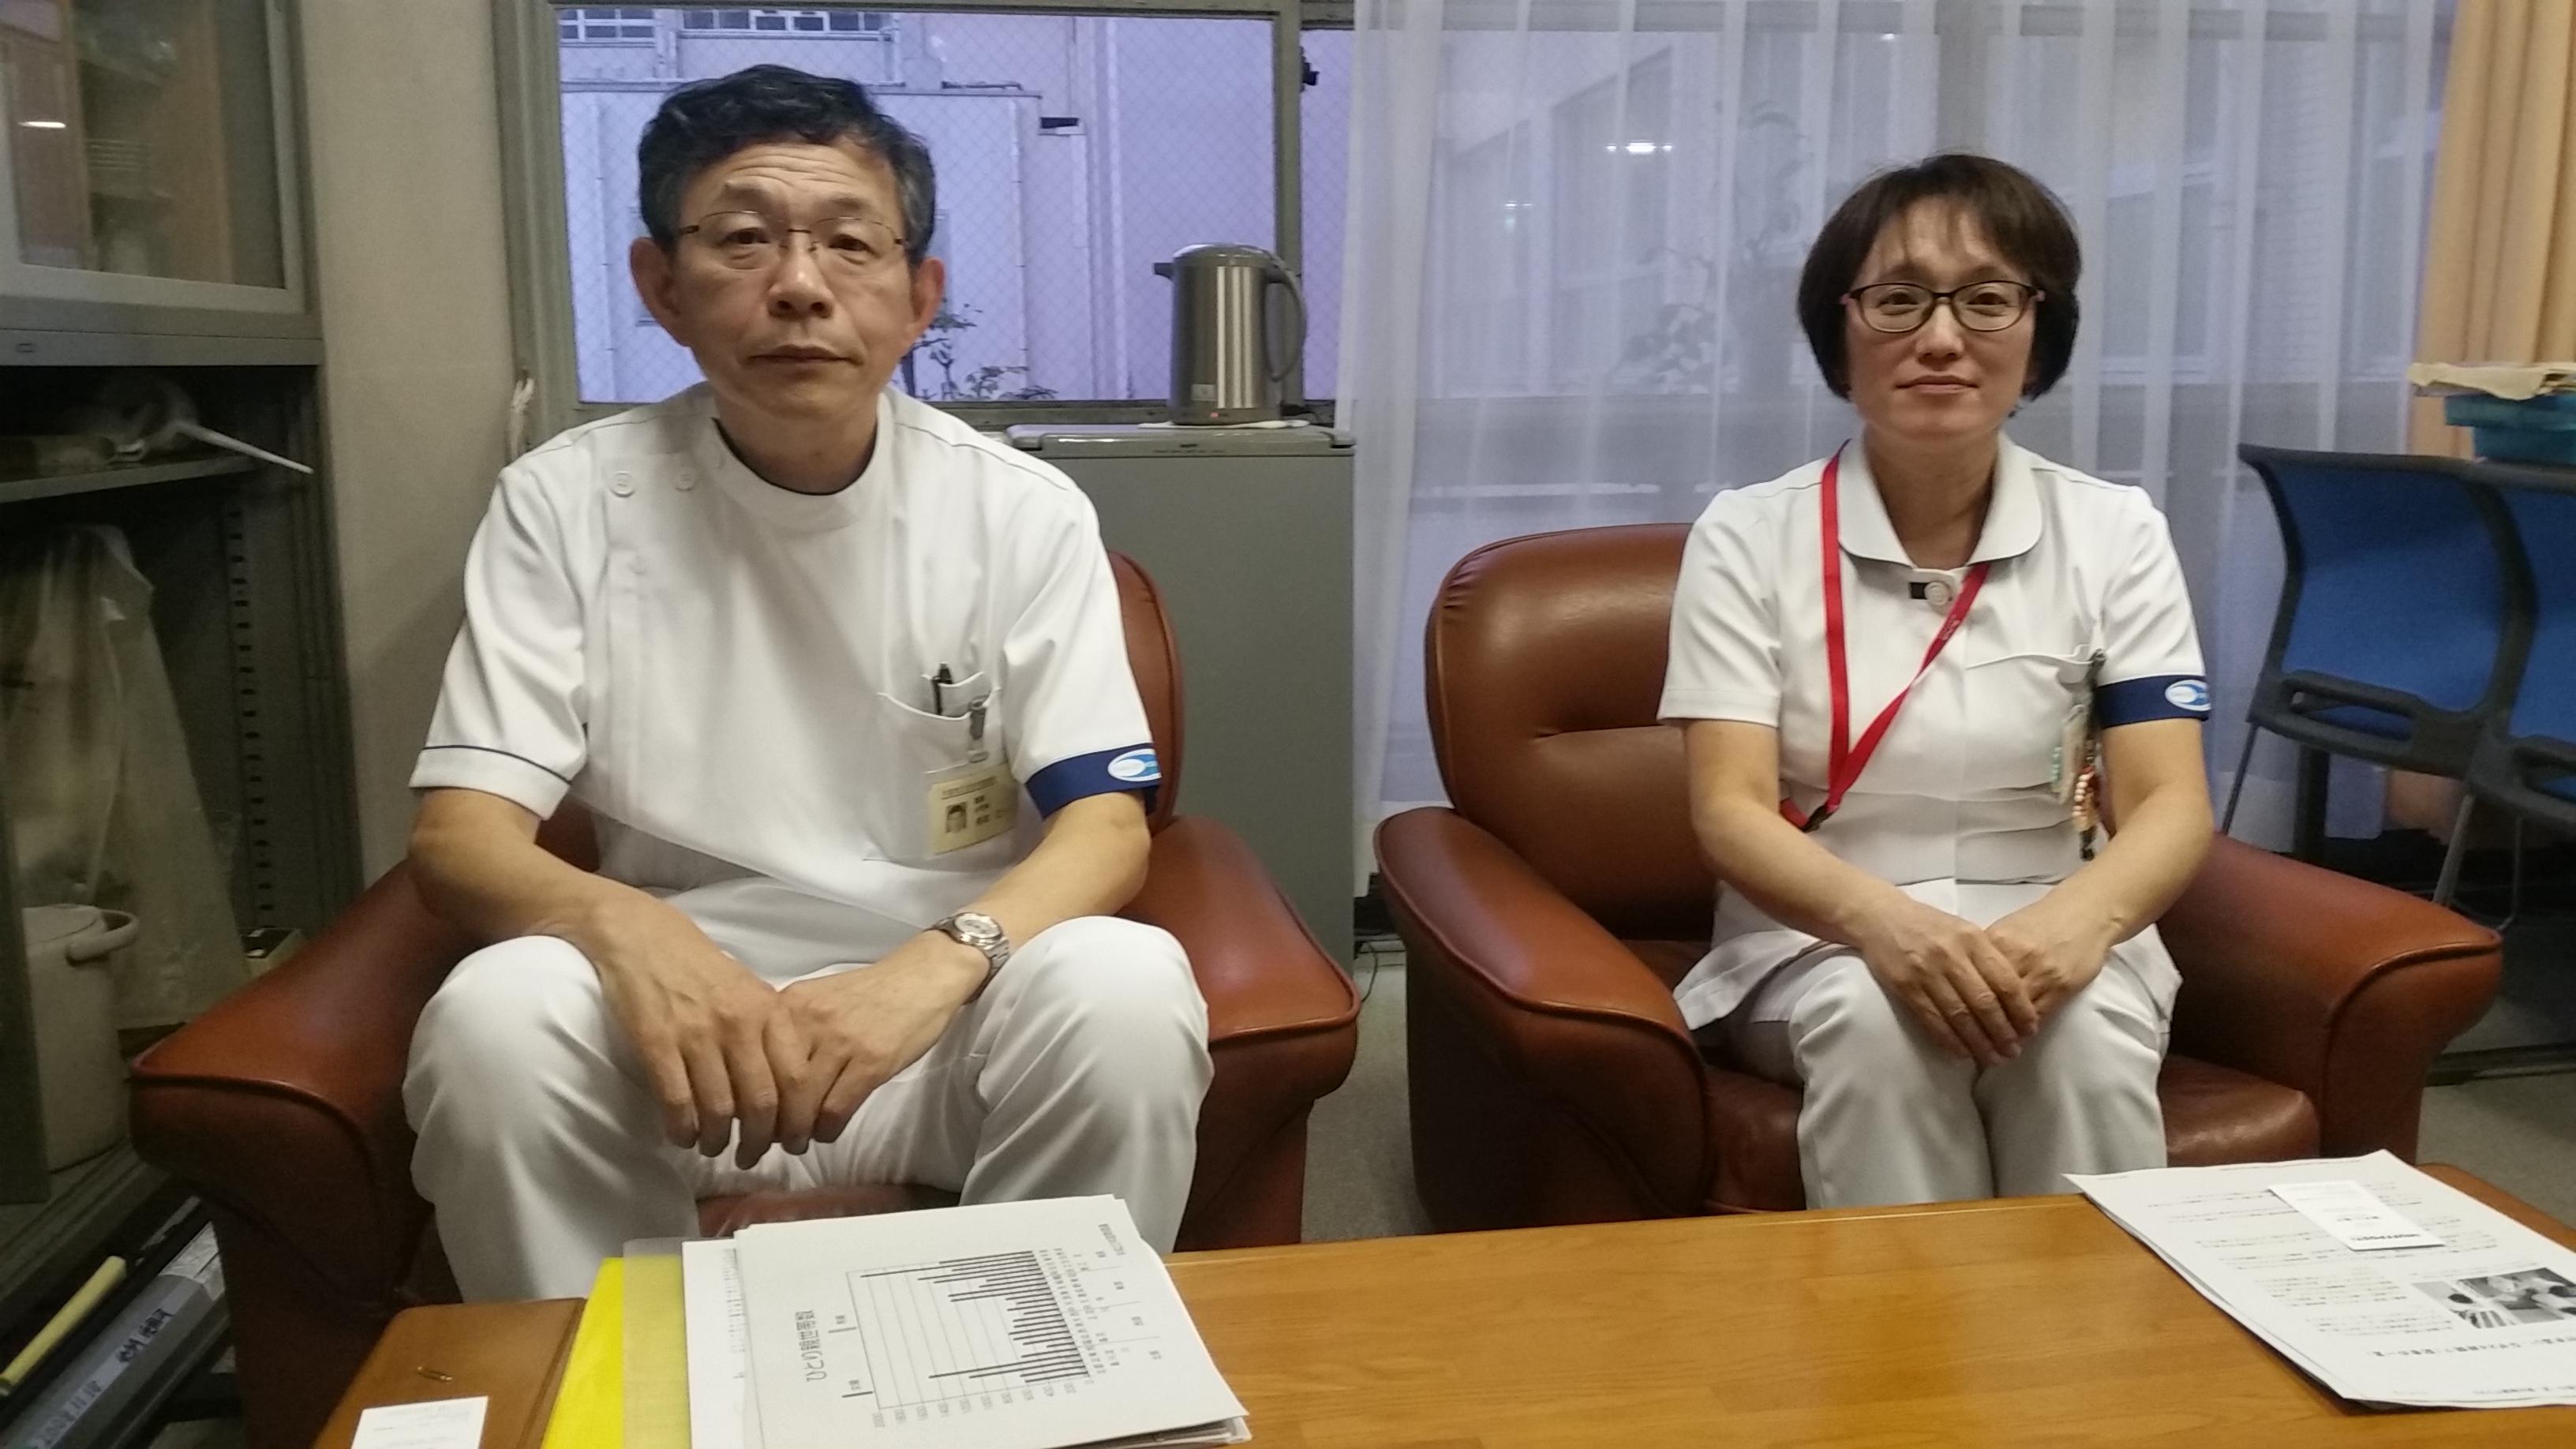 舟本仁一院長(左)と加登泉副主幹=大阪市住之江区の住吉市民病院